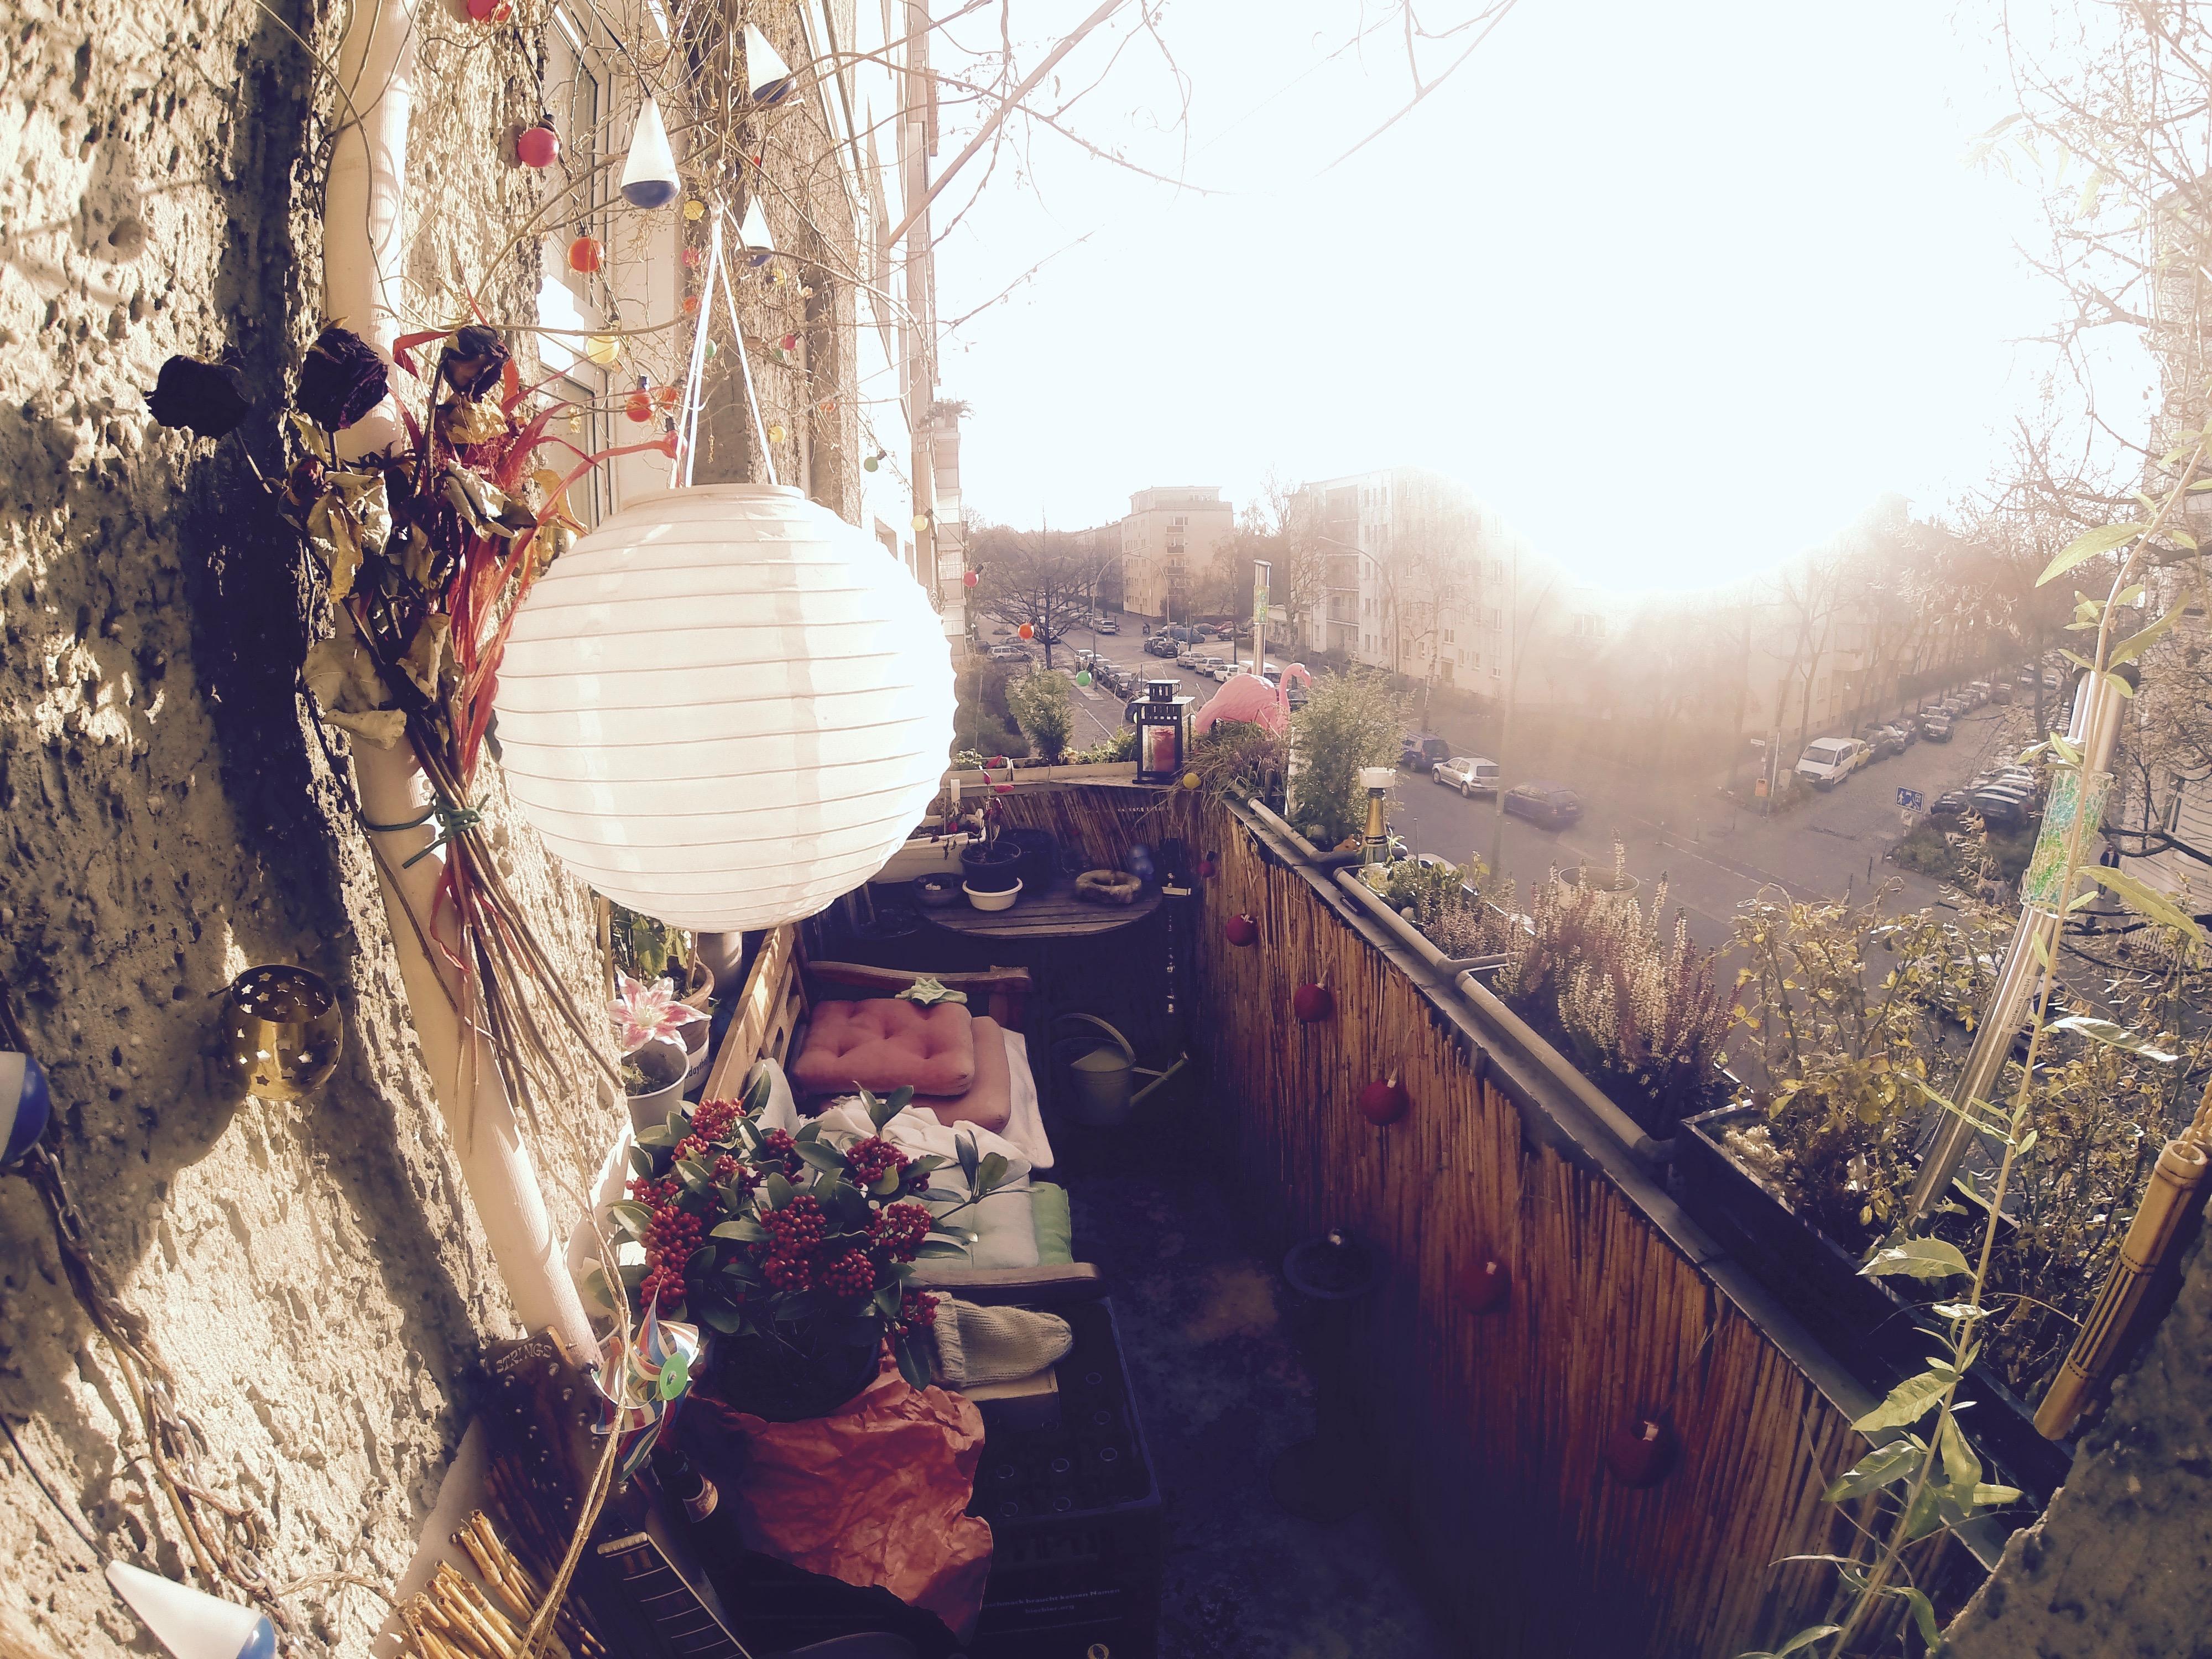 Der Balkon zum abschalten